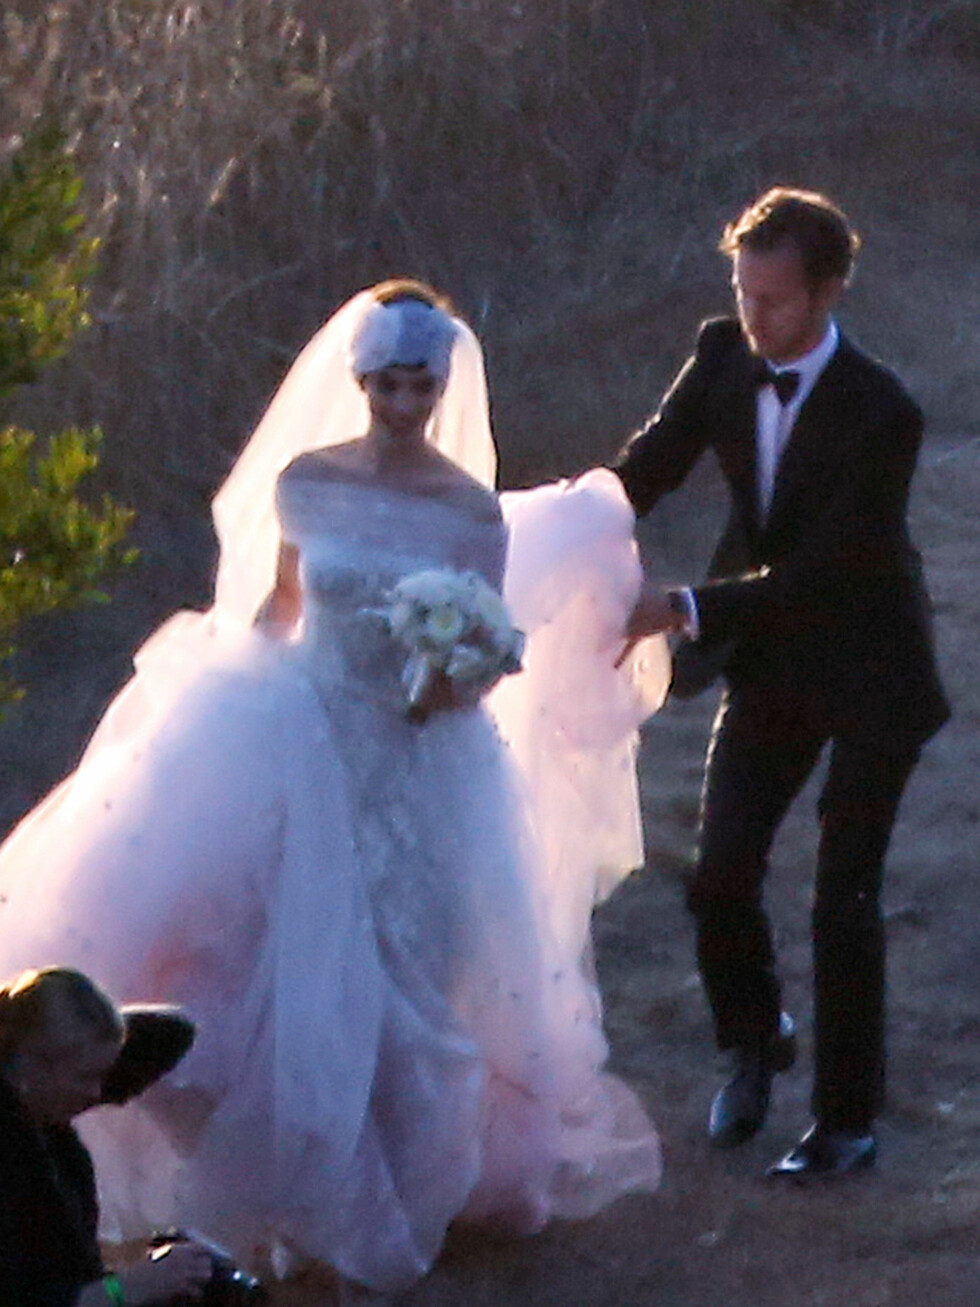 Skuespiller Anne Hathaway giftet seg med Adam Shulman i september.  Foto: All Over Press